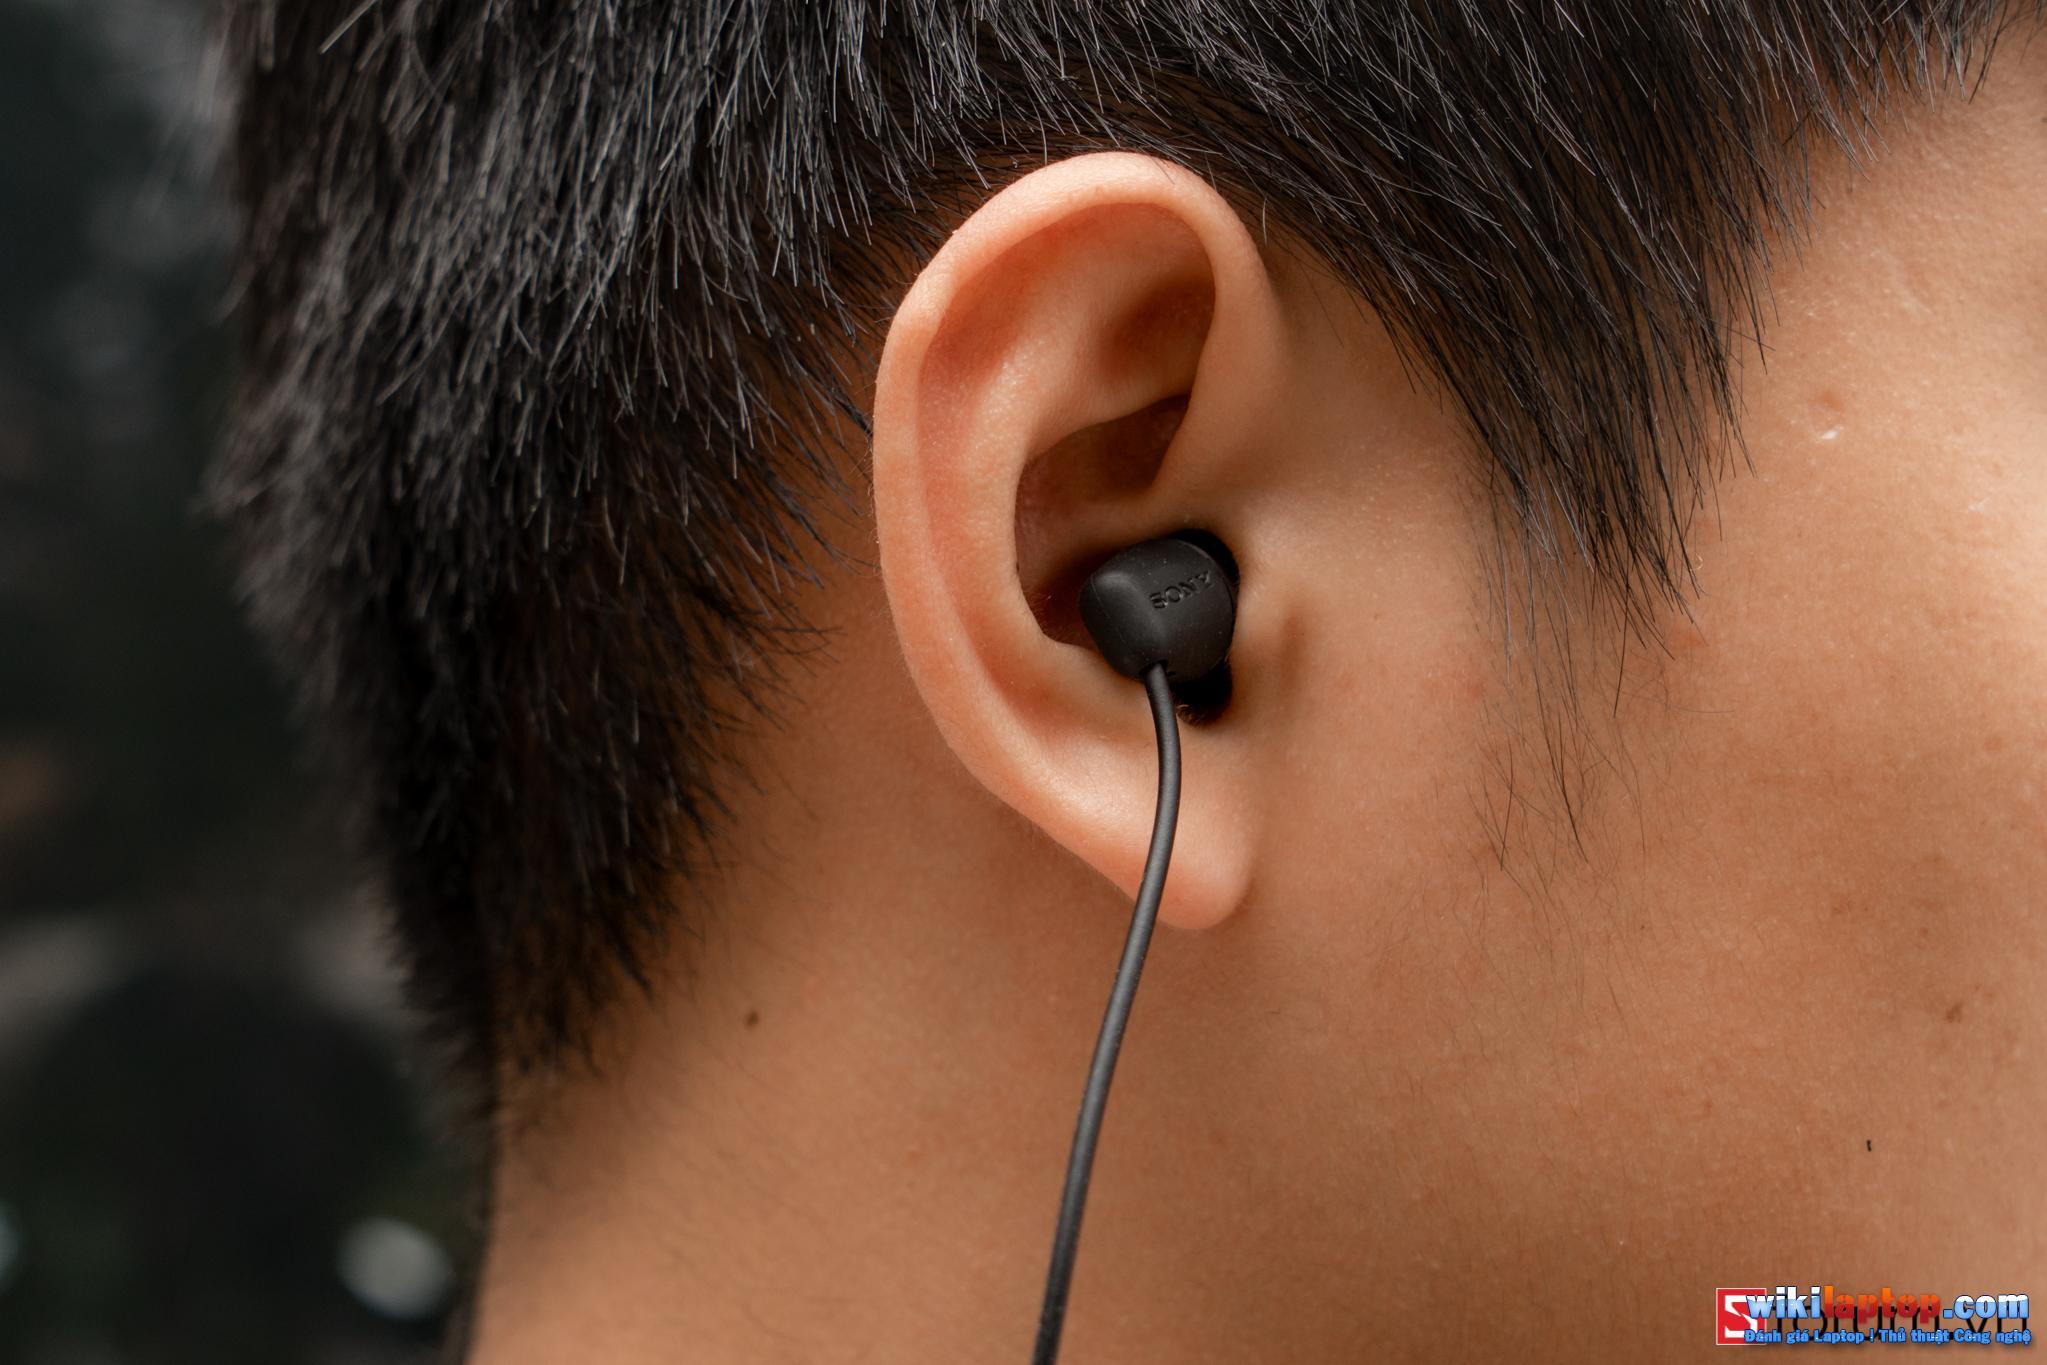 Sforum - Trang thông tin công nghệ mới nhất CPS-Sony-C200-21 Trải nghiệm SONY WI-C200: Tai nghe Bluetooth 5.0, hỗ trợ sạc nhanh, pin 12 giờ và chỉ 990.000 đồng